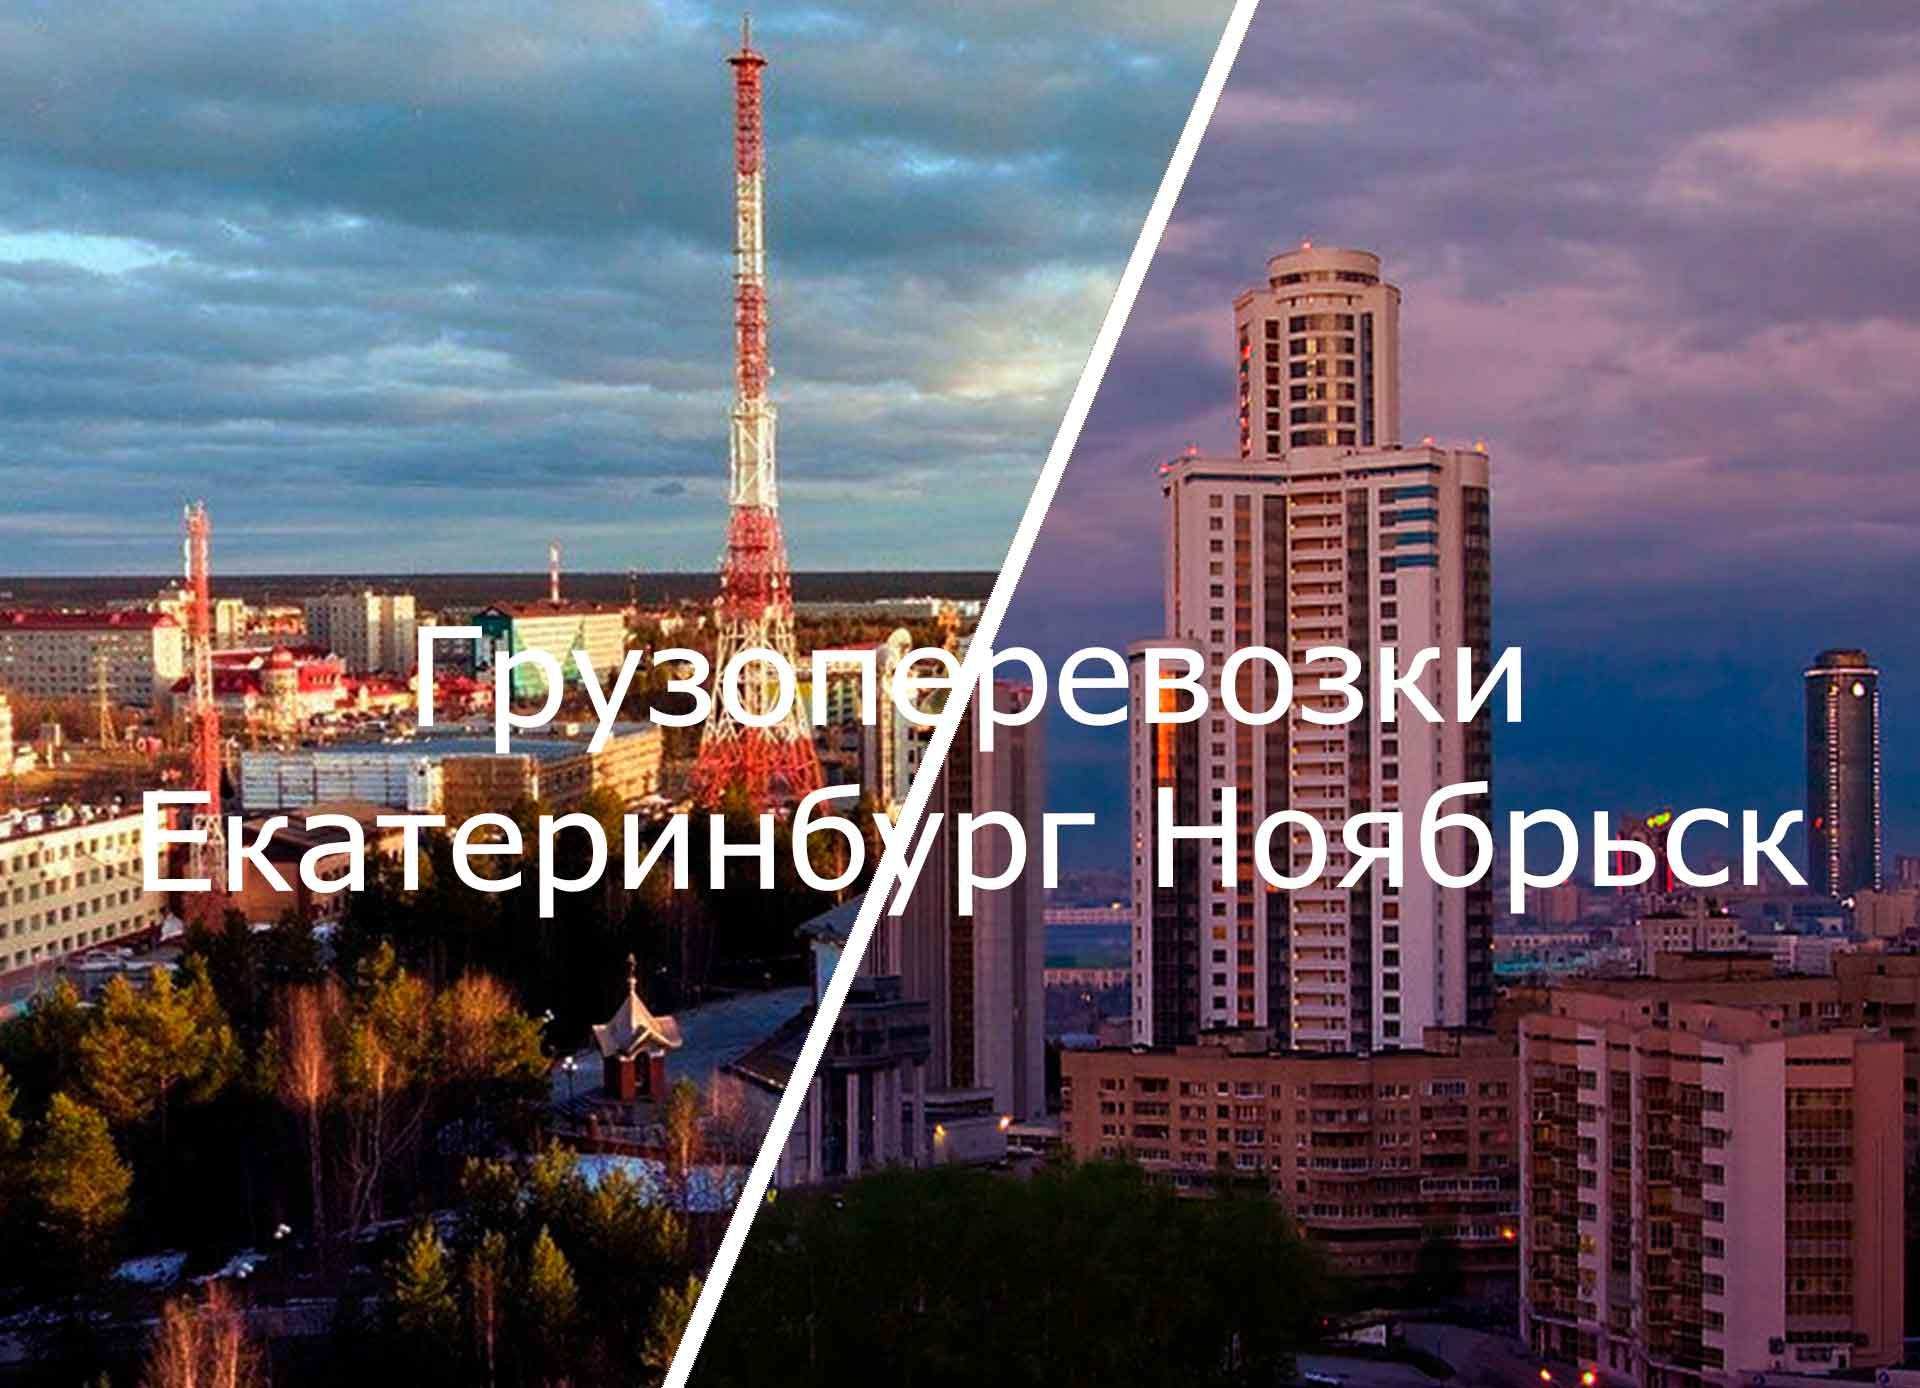 грузоперевозки екатеринбург ноябрьск